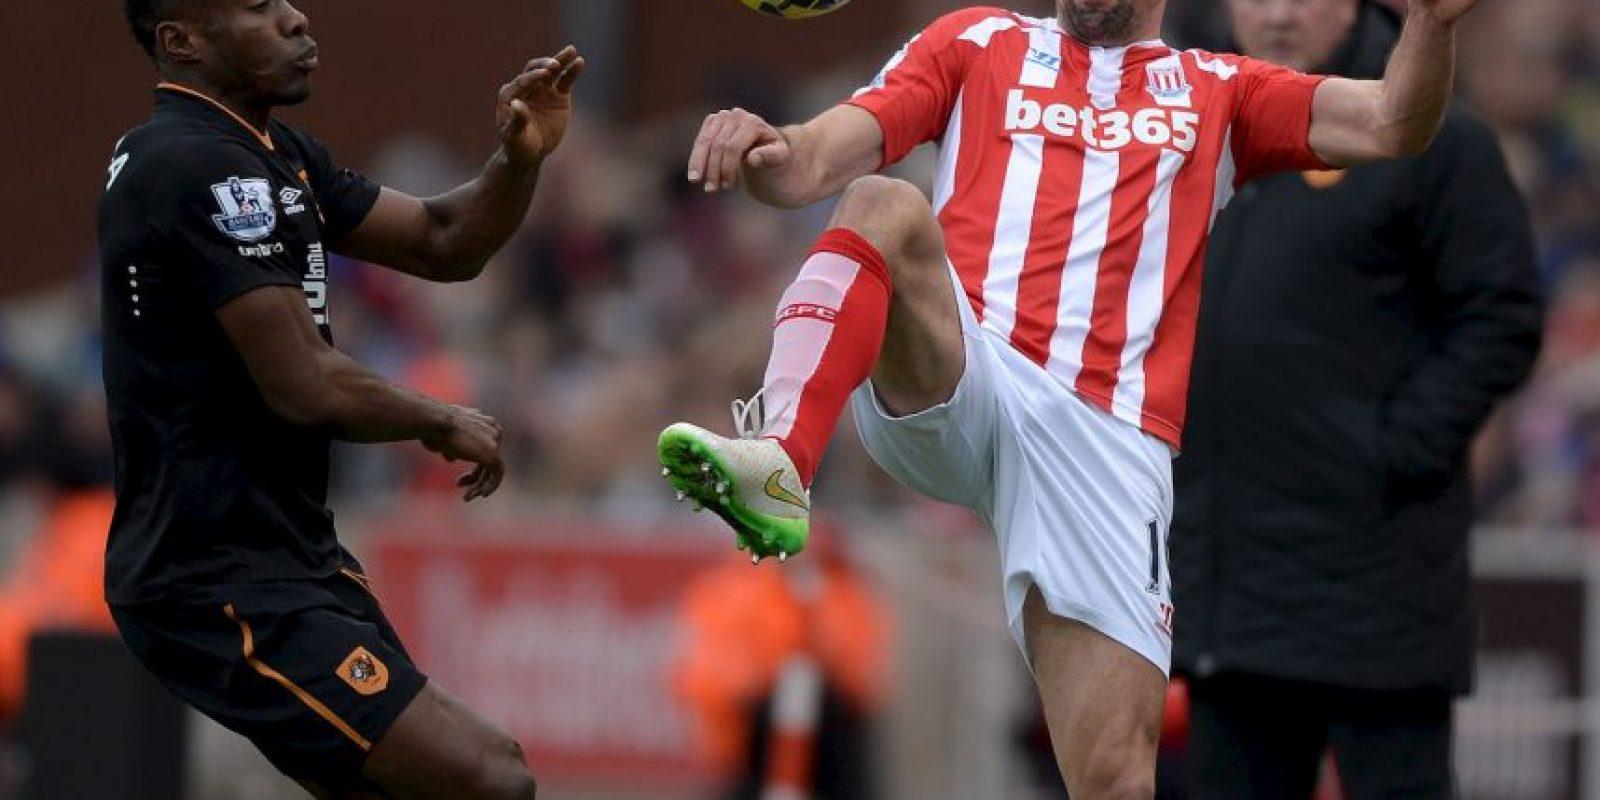 El hombre del Stoke City tuvo que ser retirado de la cancha Foto:Getty